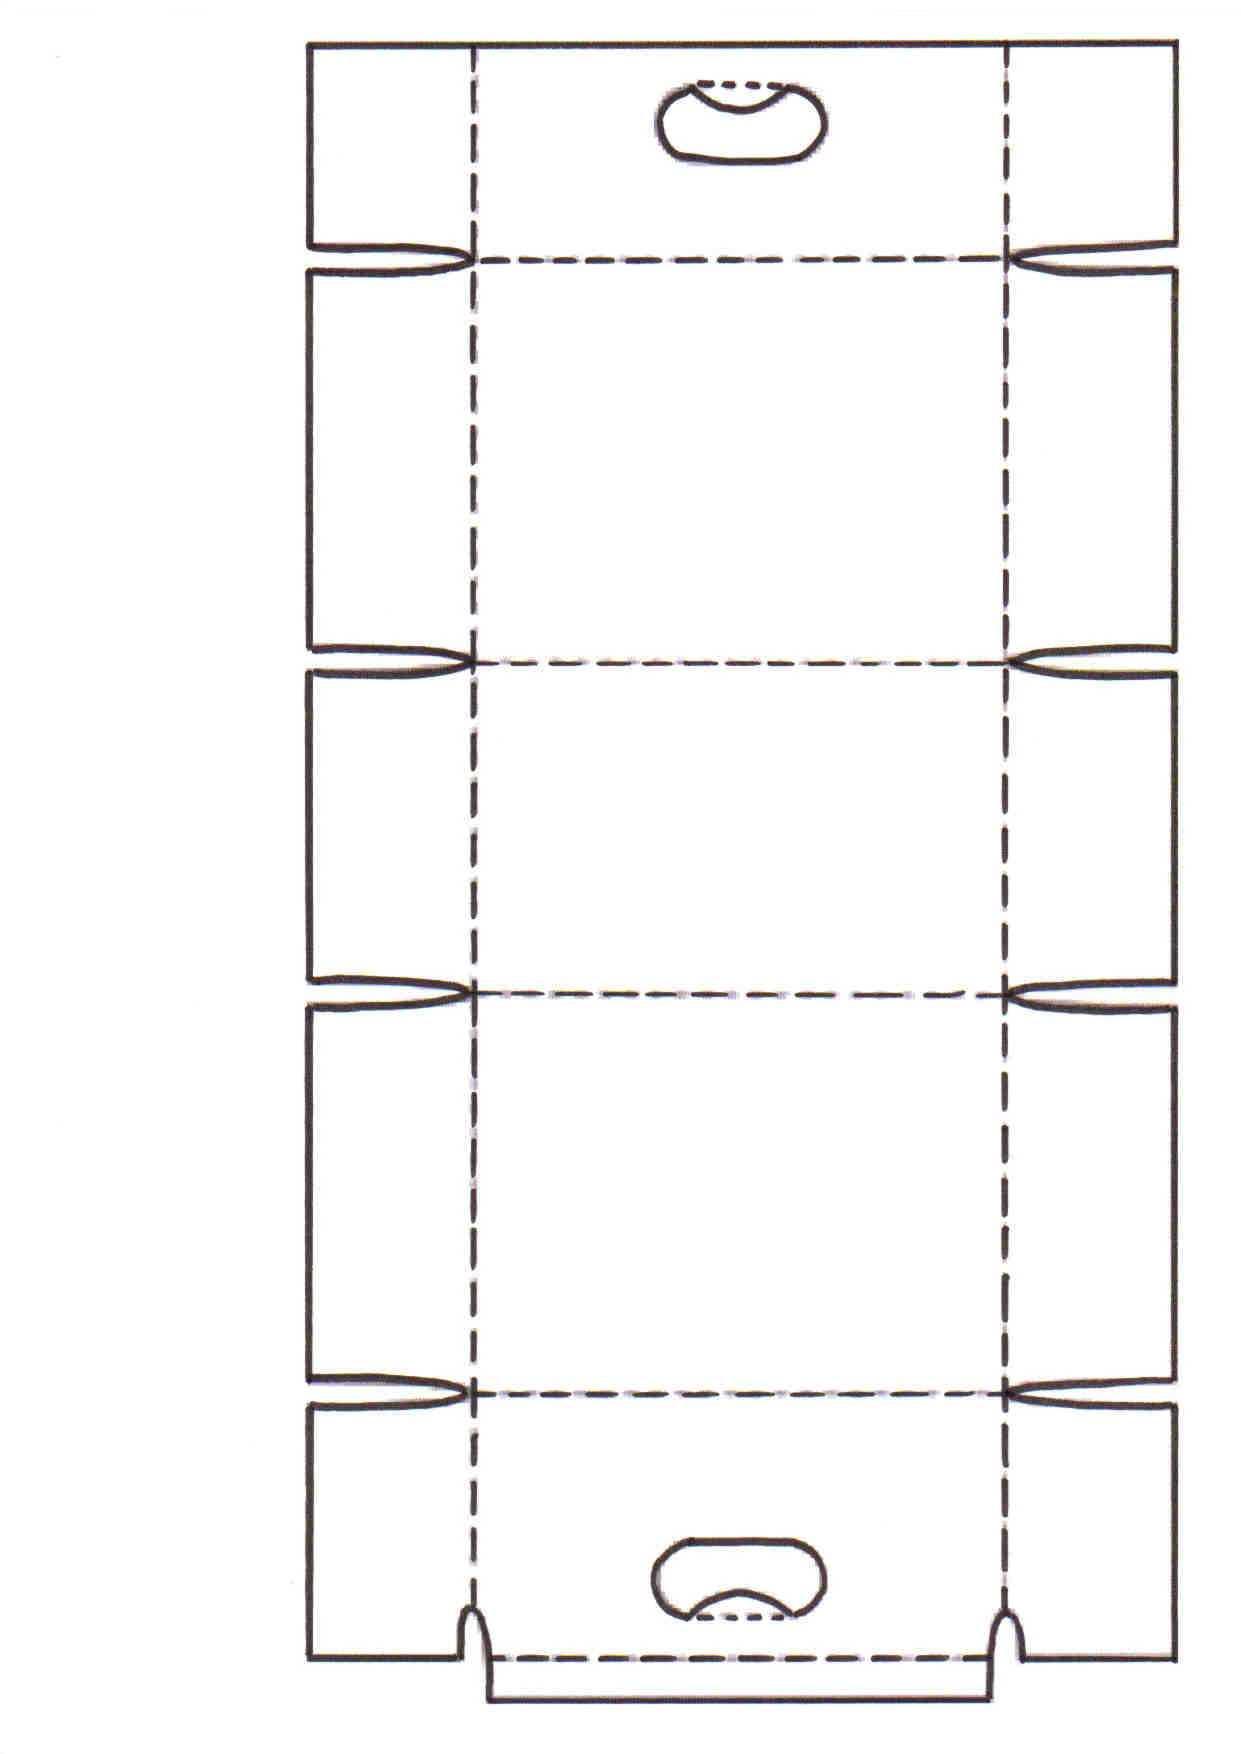 bastelvorlagen f r schachteln und boxen bastelfrau. Black Bedroom Furniture Sets. Home Design Ideas